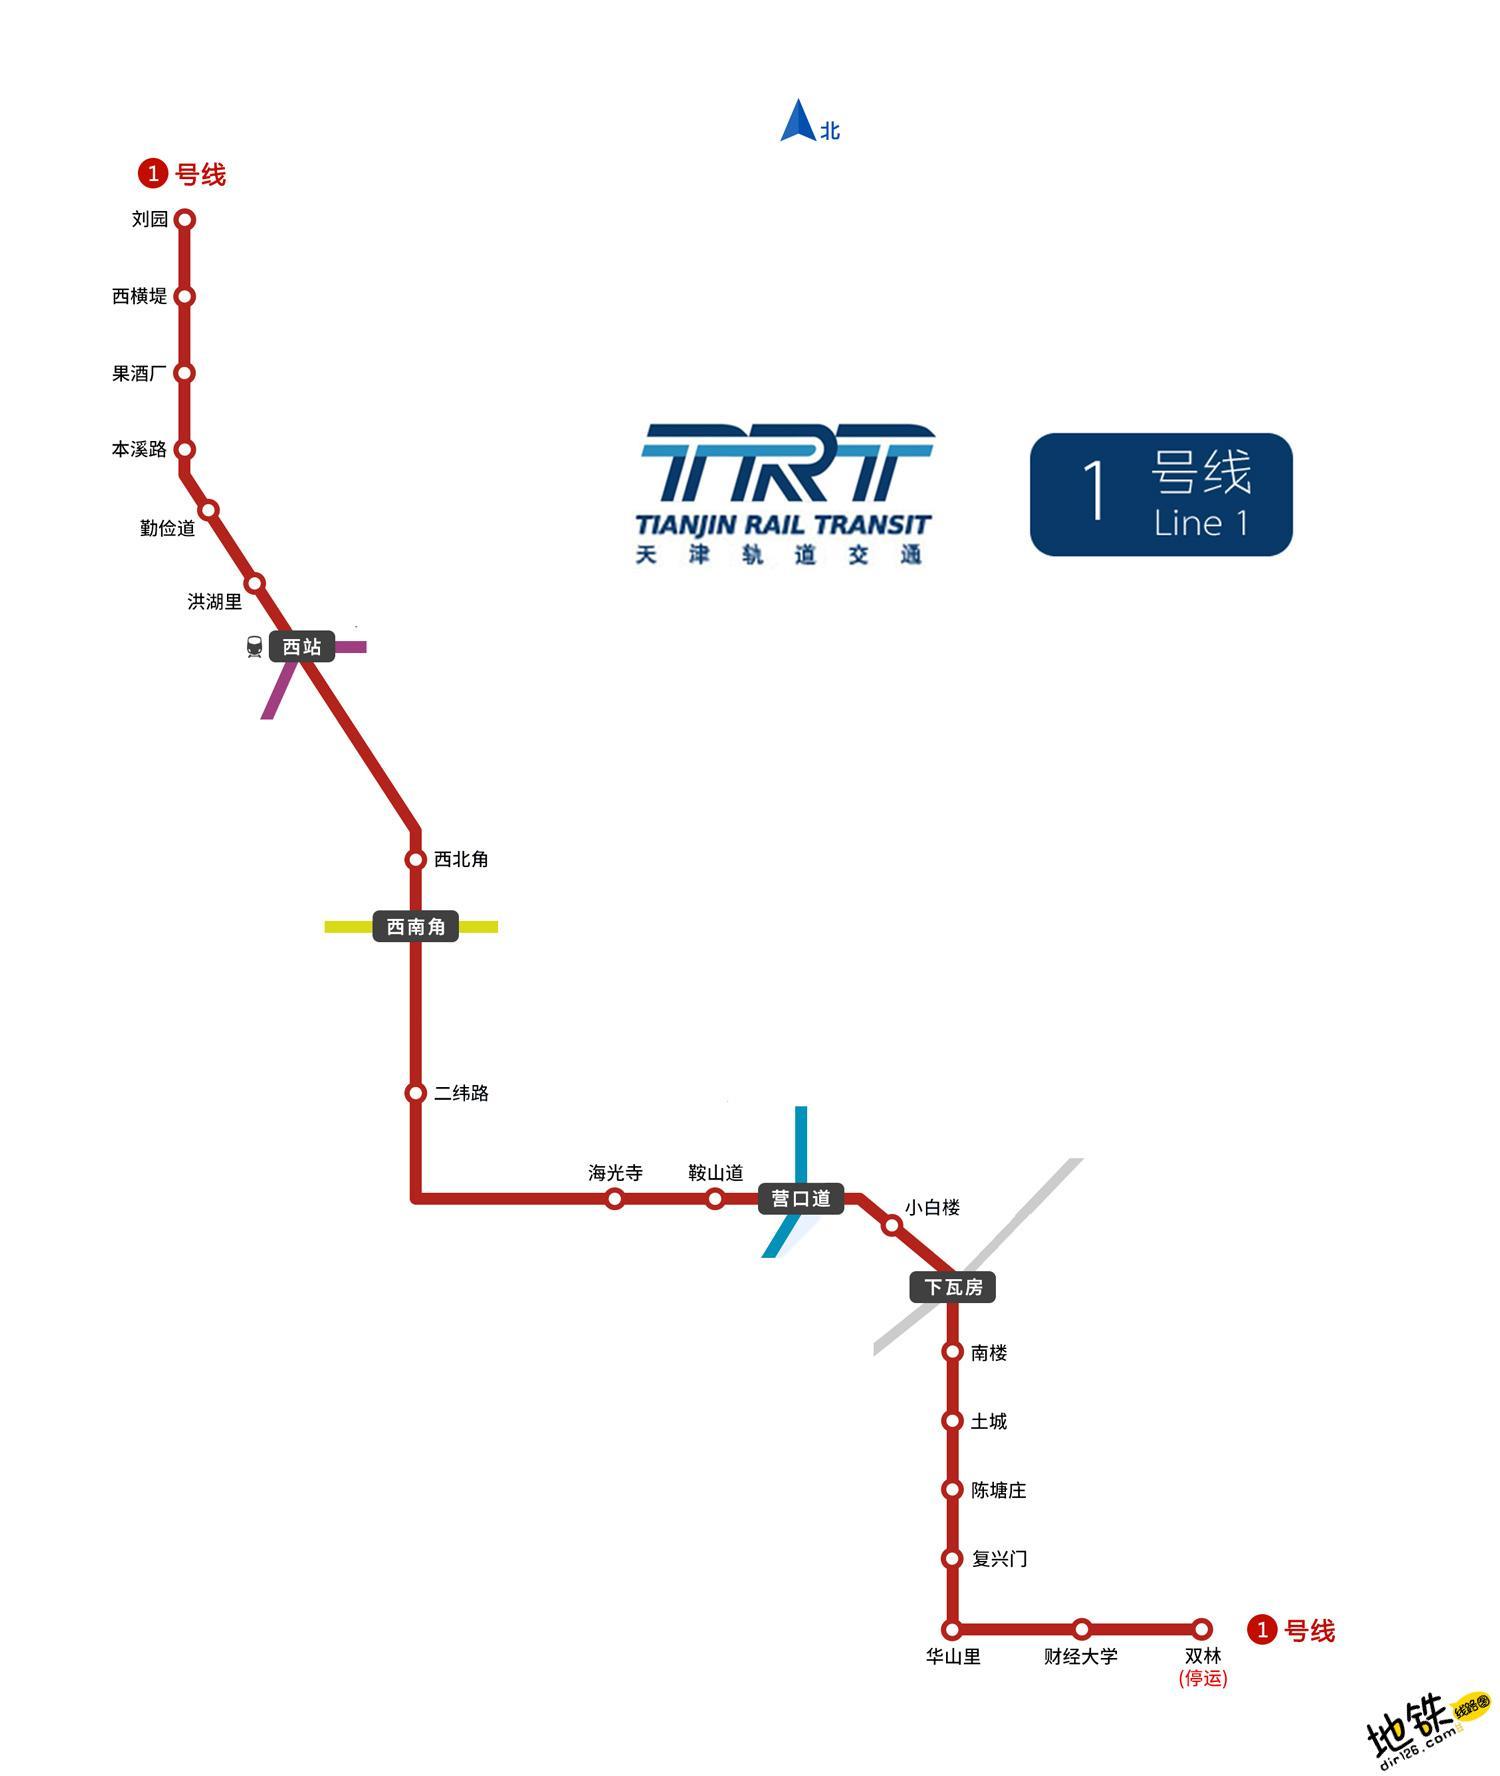 天津地铁1号线线路图 运营时间票价站点 查询下载 天津地铁1号线查询 天津地铁1号线运营时间 天津地铁1号线线路图 天津地铁1号线 天津地铁一号线 天津地铁线路图  第2张